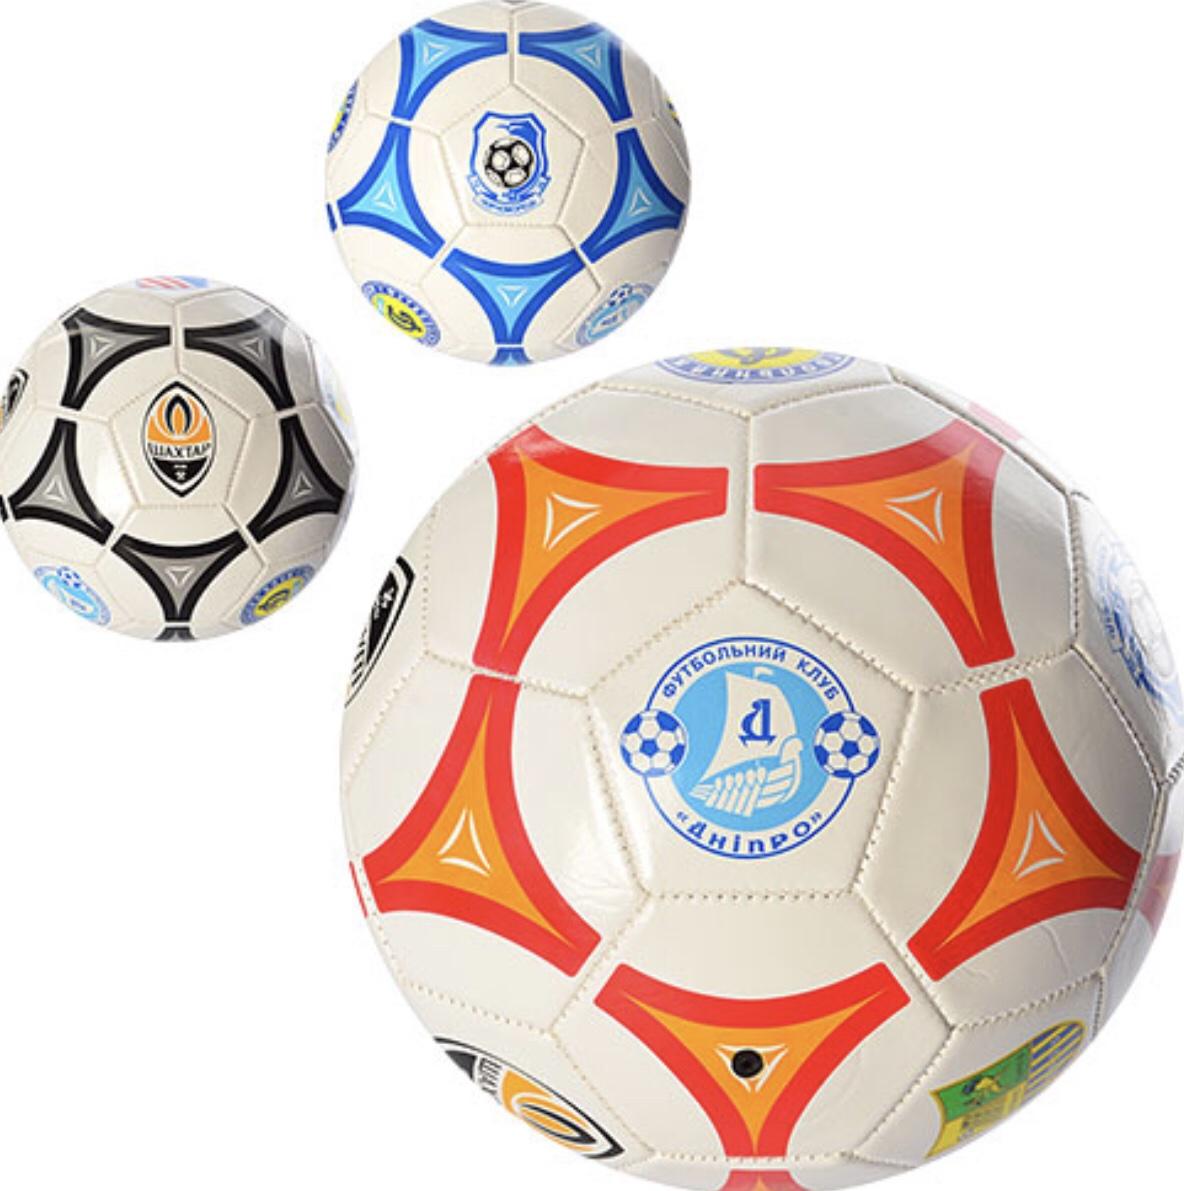 Мяч футбольный EV 3164 размер 5  ПВХ 1.6мм  2слоя 32панели 300-320г